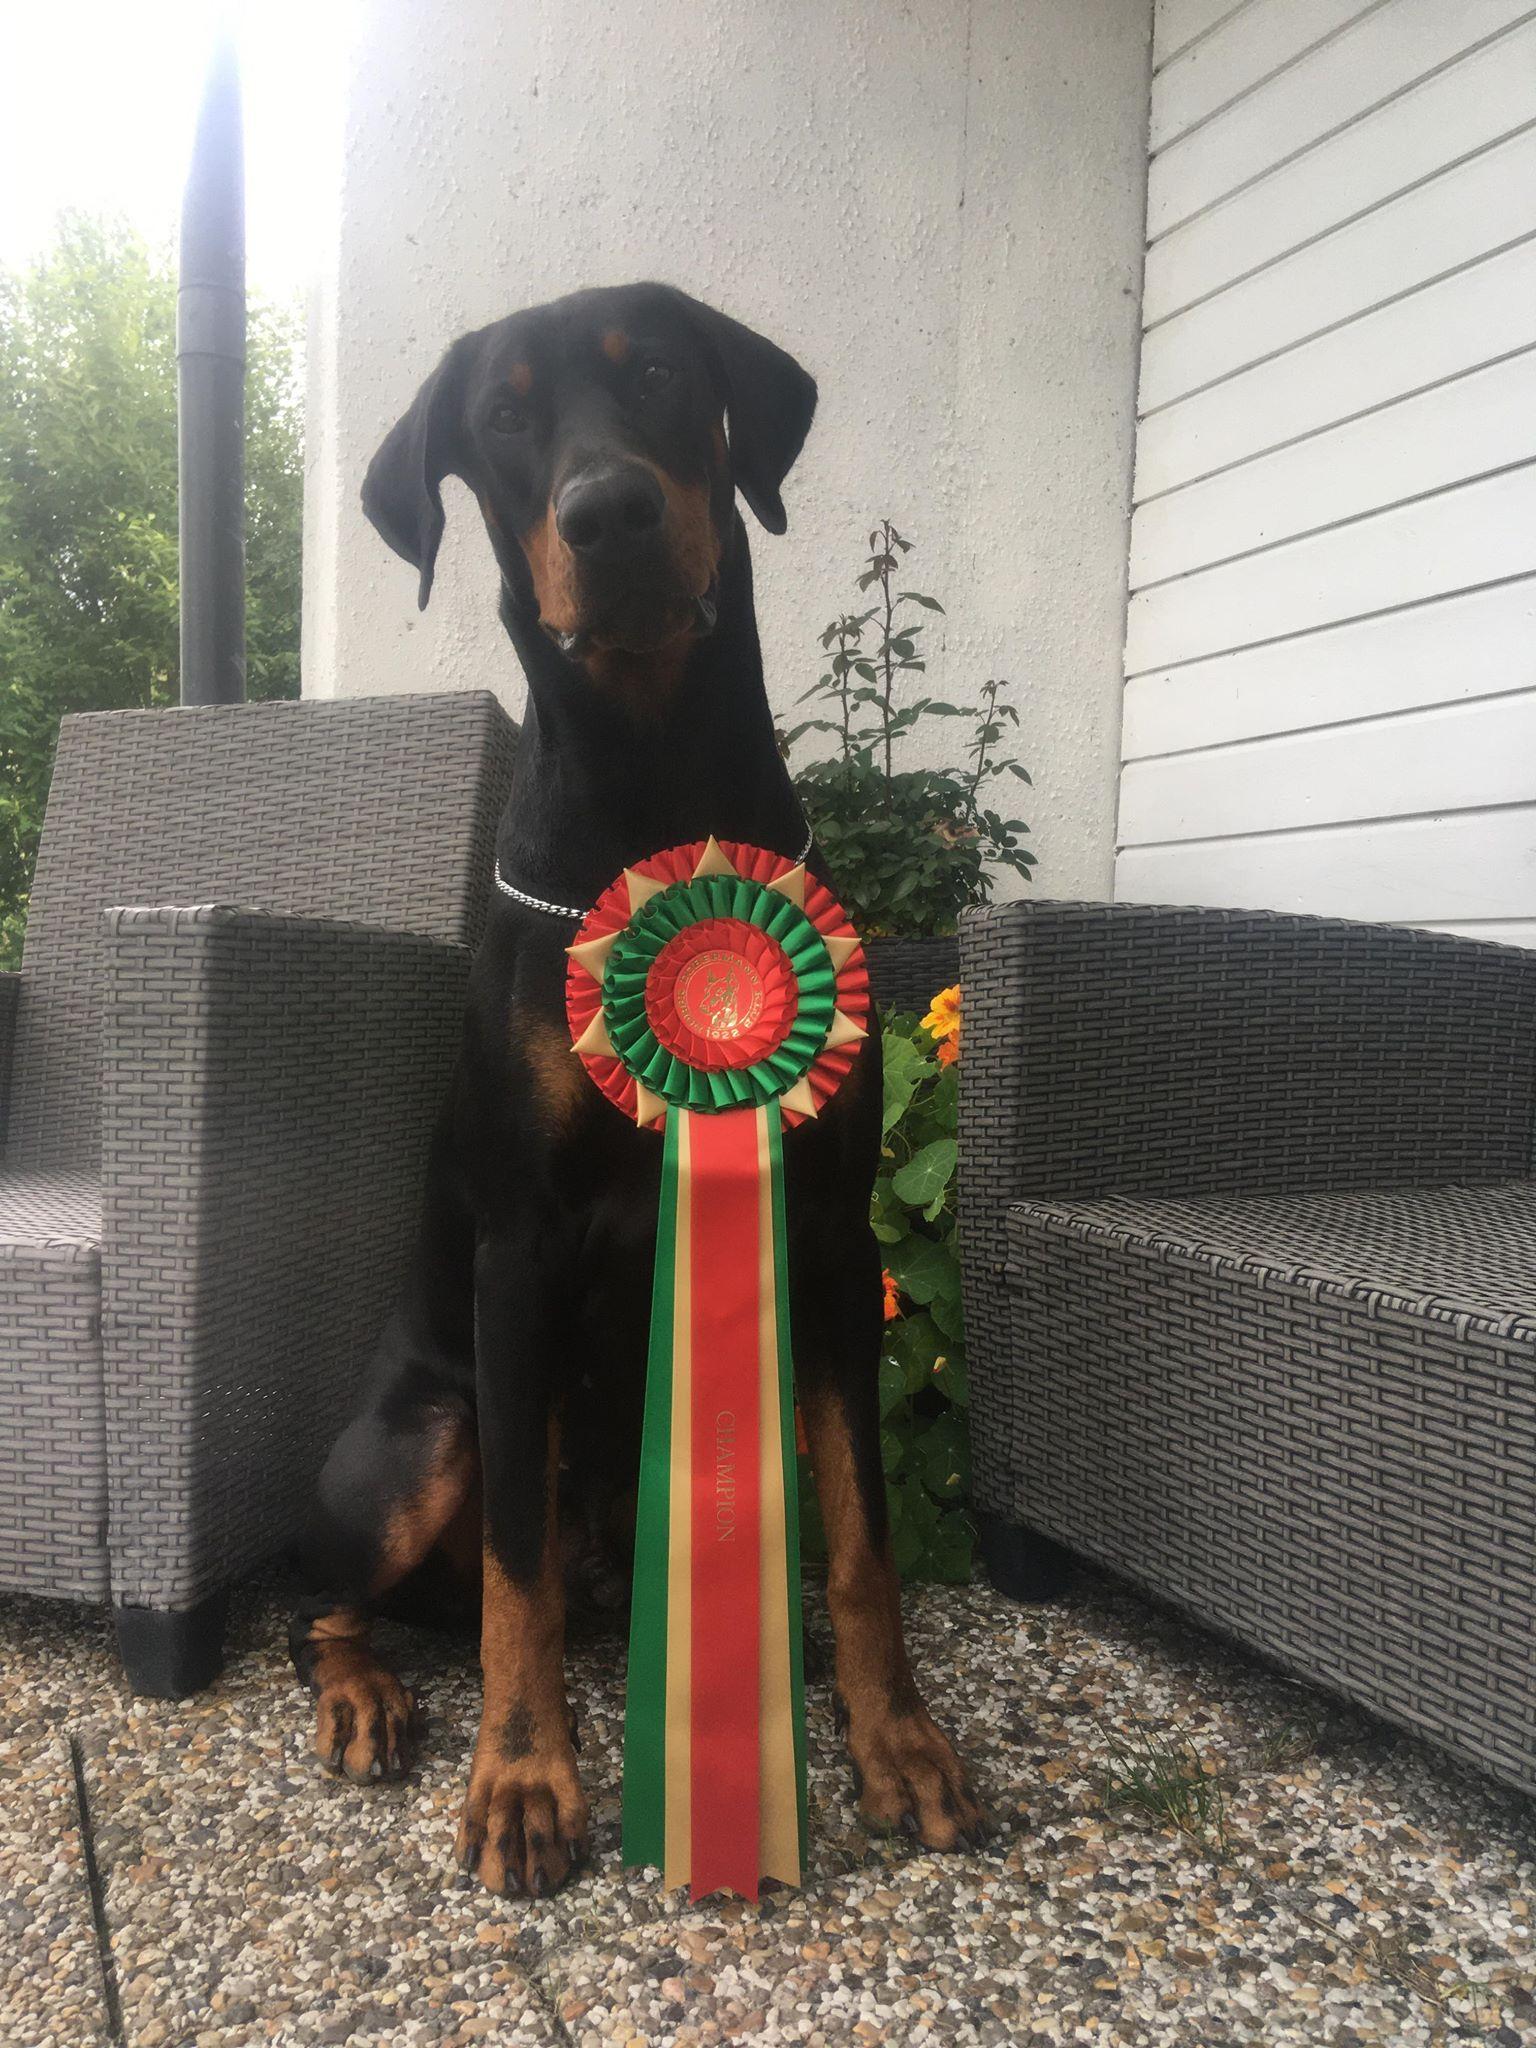 Norwegian Champion